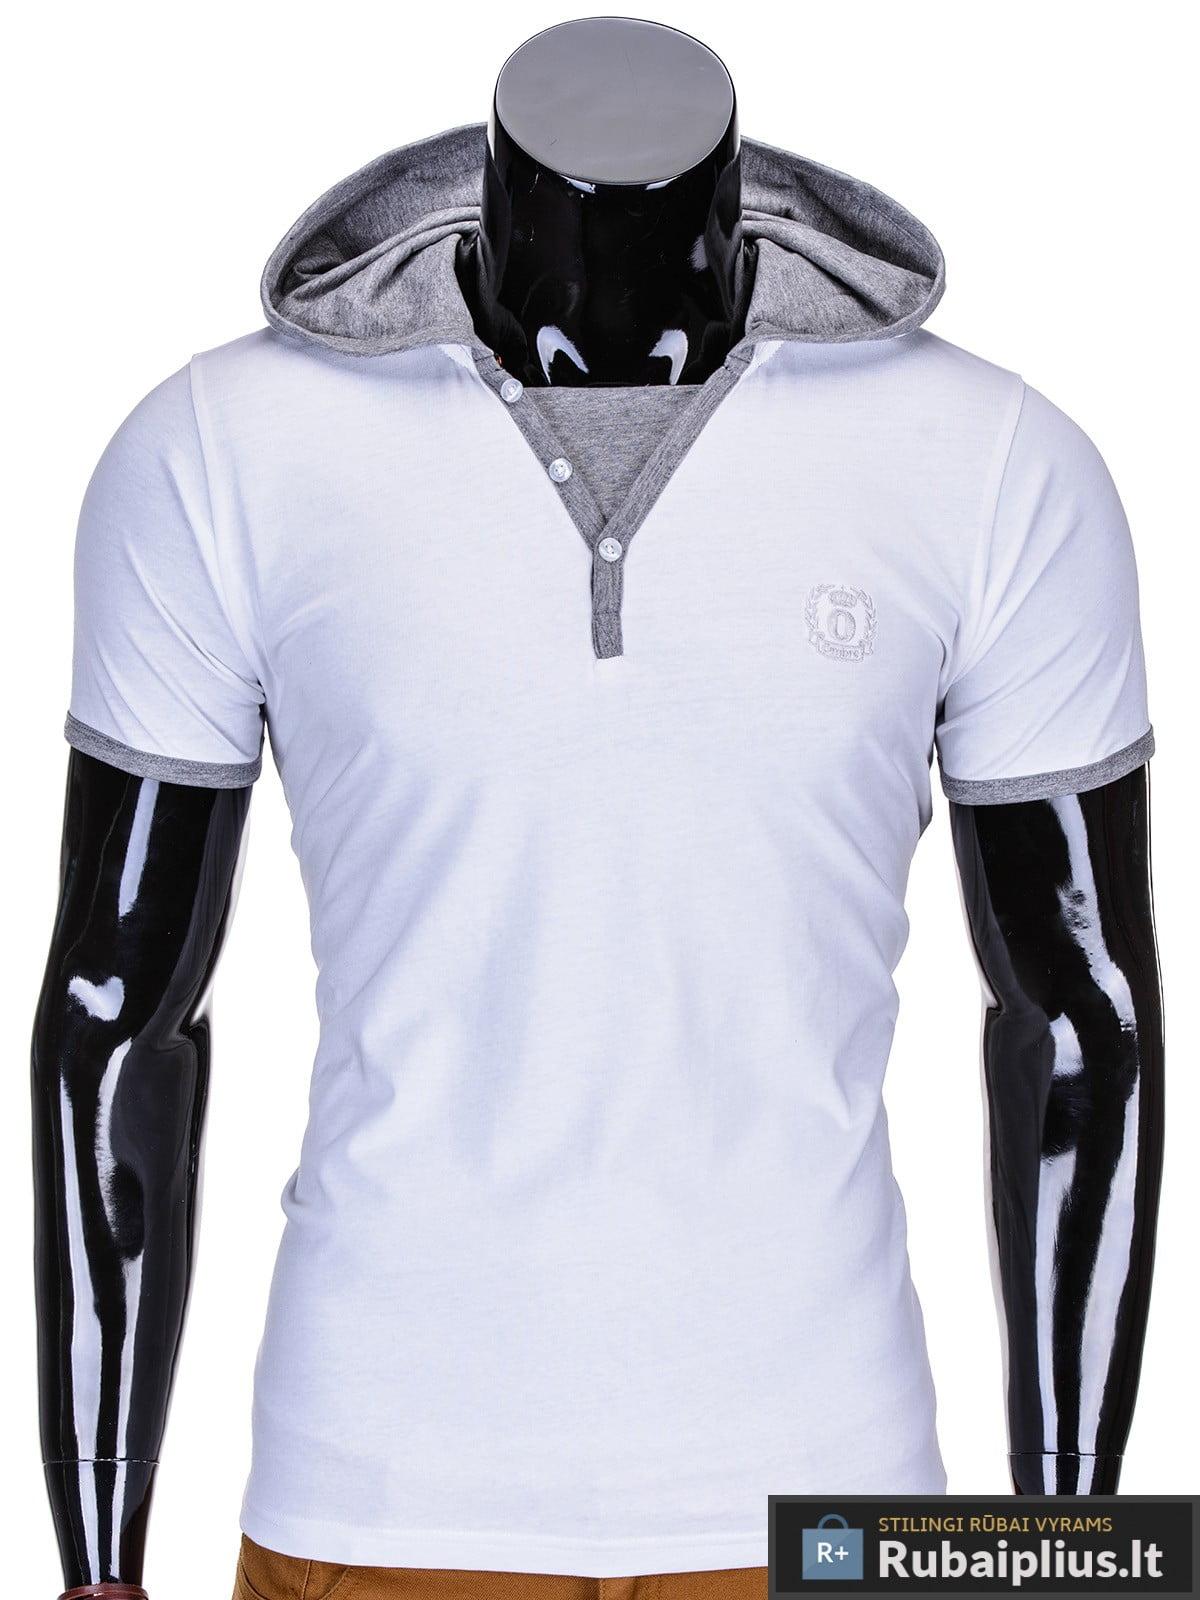 marškinėliai su gobtuvu, marškinėliai su kapisonu, madingi vyriški marškinėliai baltos spalvos, denim kolekcijos vyriški marškinėliai, trumpomis rankovėmis marškinėliai vyrams, klasikiniai vyriški marškinėliai, stilingi marškinėliai vyrams internetu, originalūs vyriški marškinėliai, marškinėliai vyrams spalvos, vyriški marškinėliai su užrašu ir aplikacija, stilingi marškinėliai uz gera kaina, protinga kaina, akcija, nuolaidos rūbams